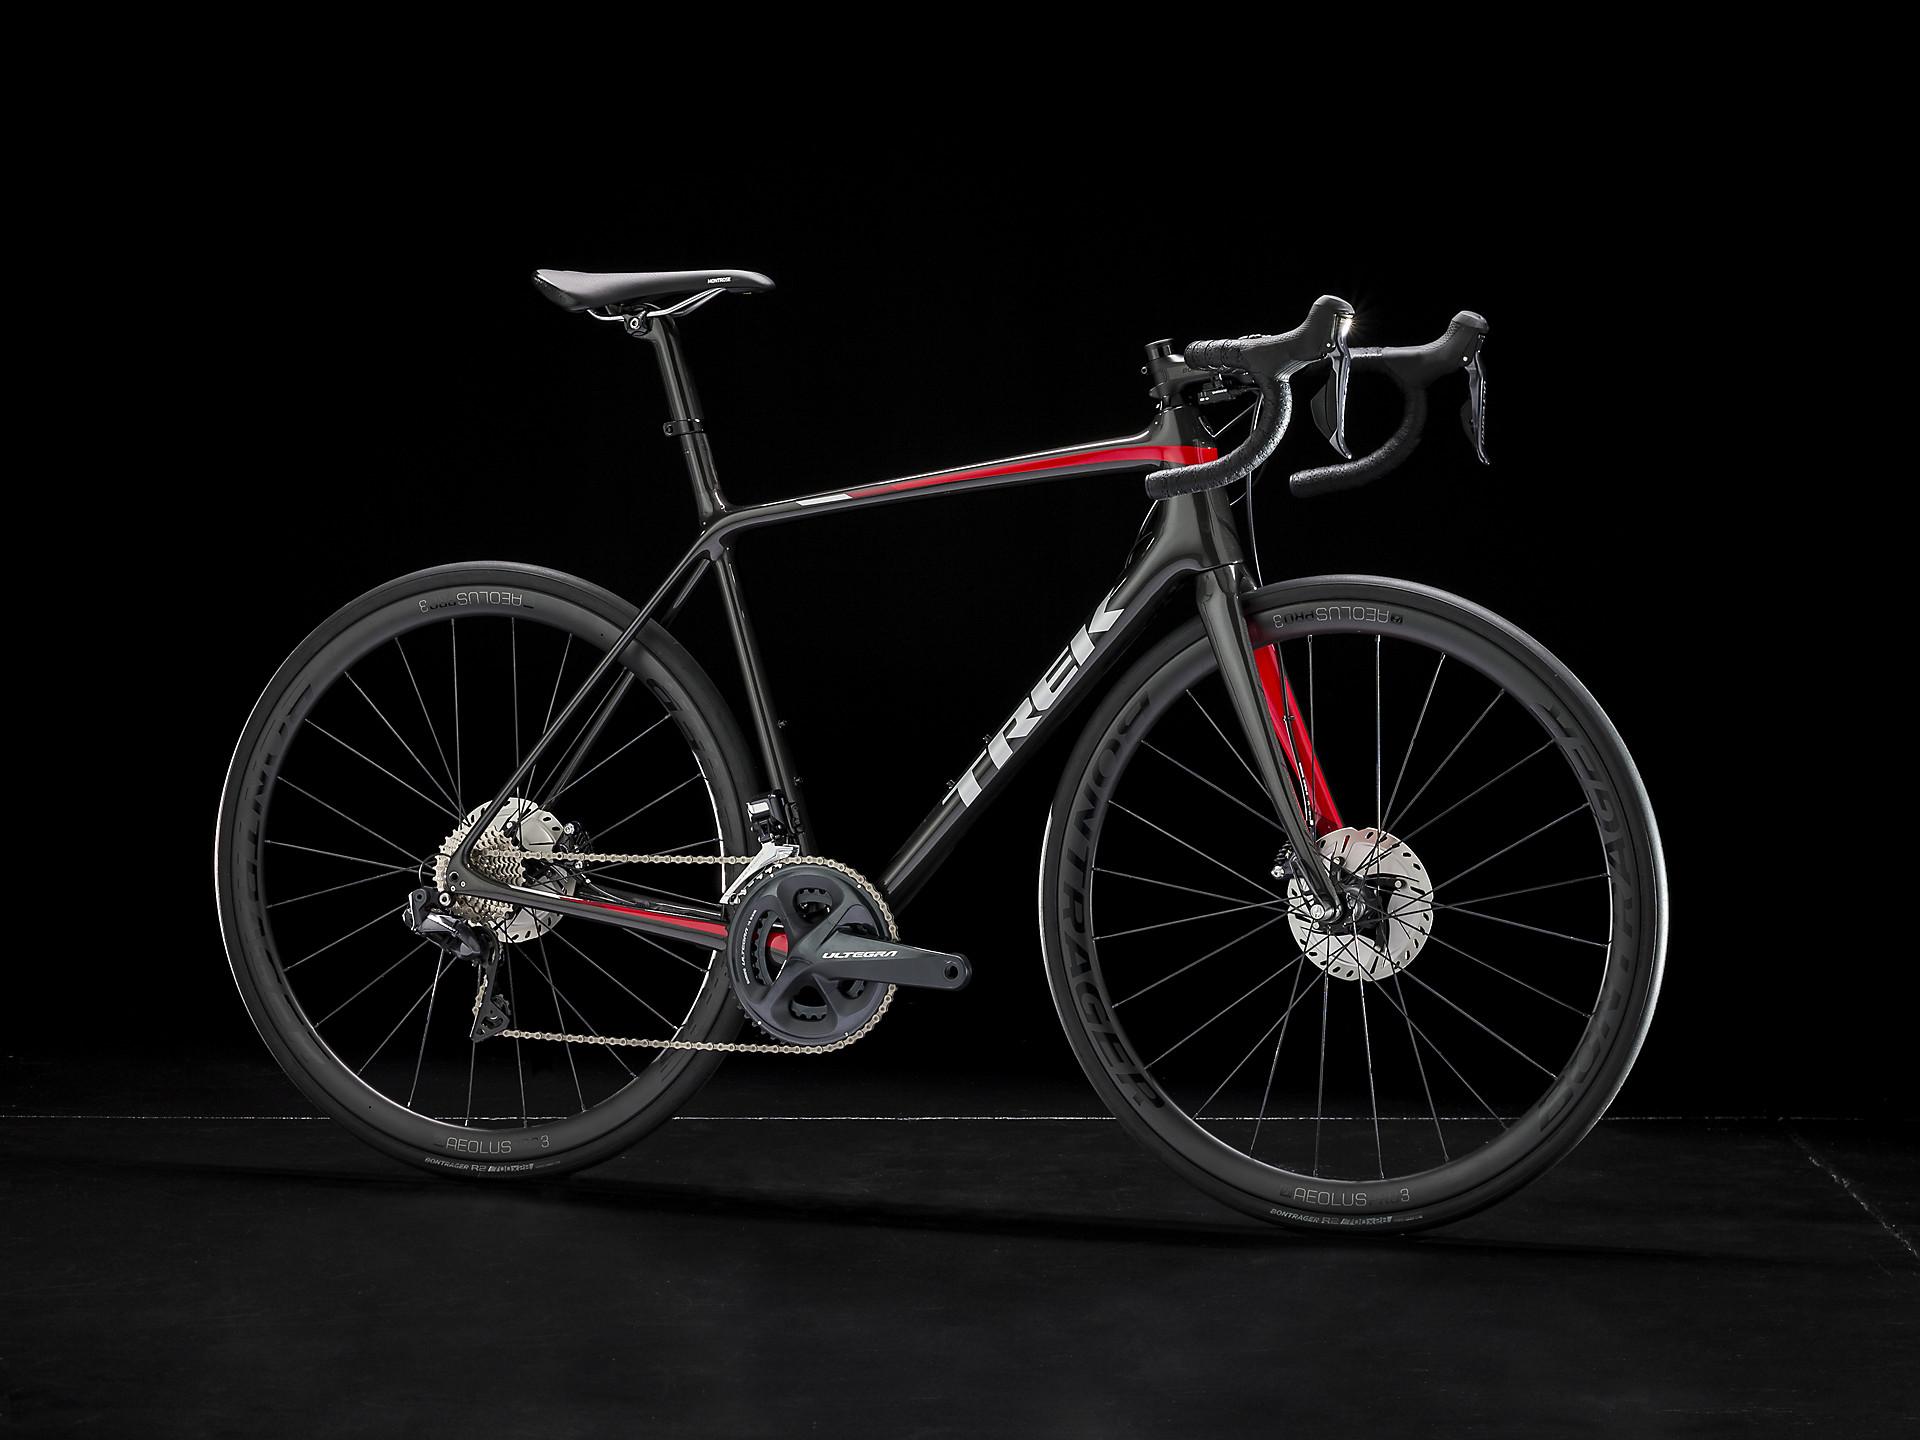 e932e609f06 Émonda SL 7 Disc | Trek Bikes